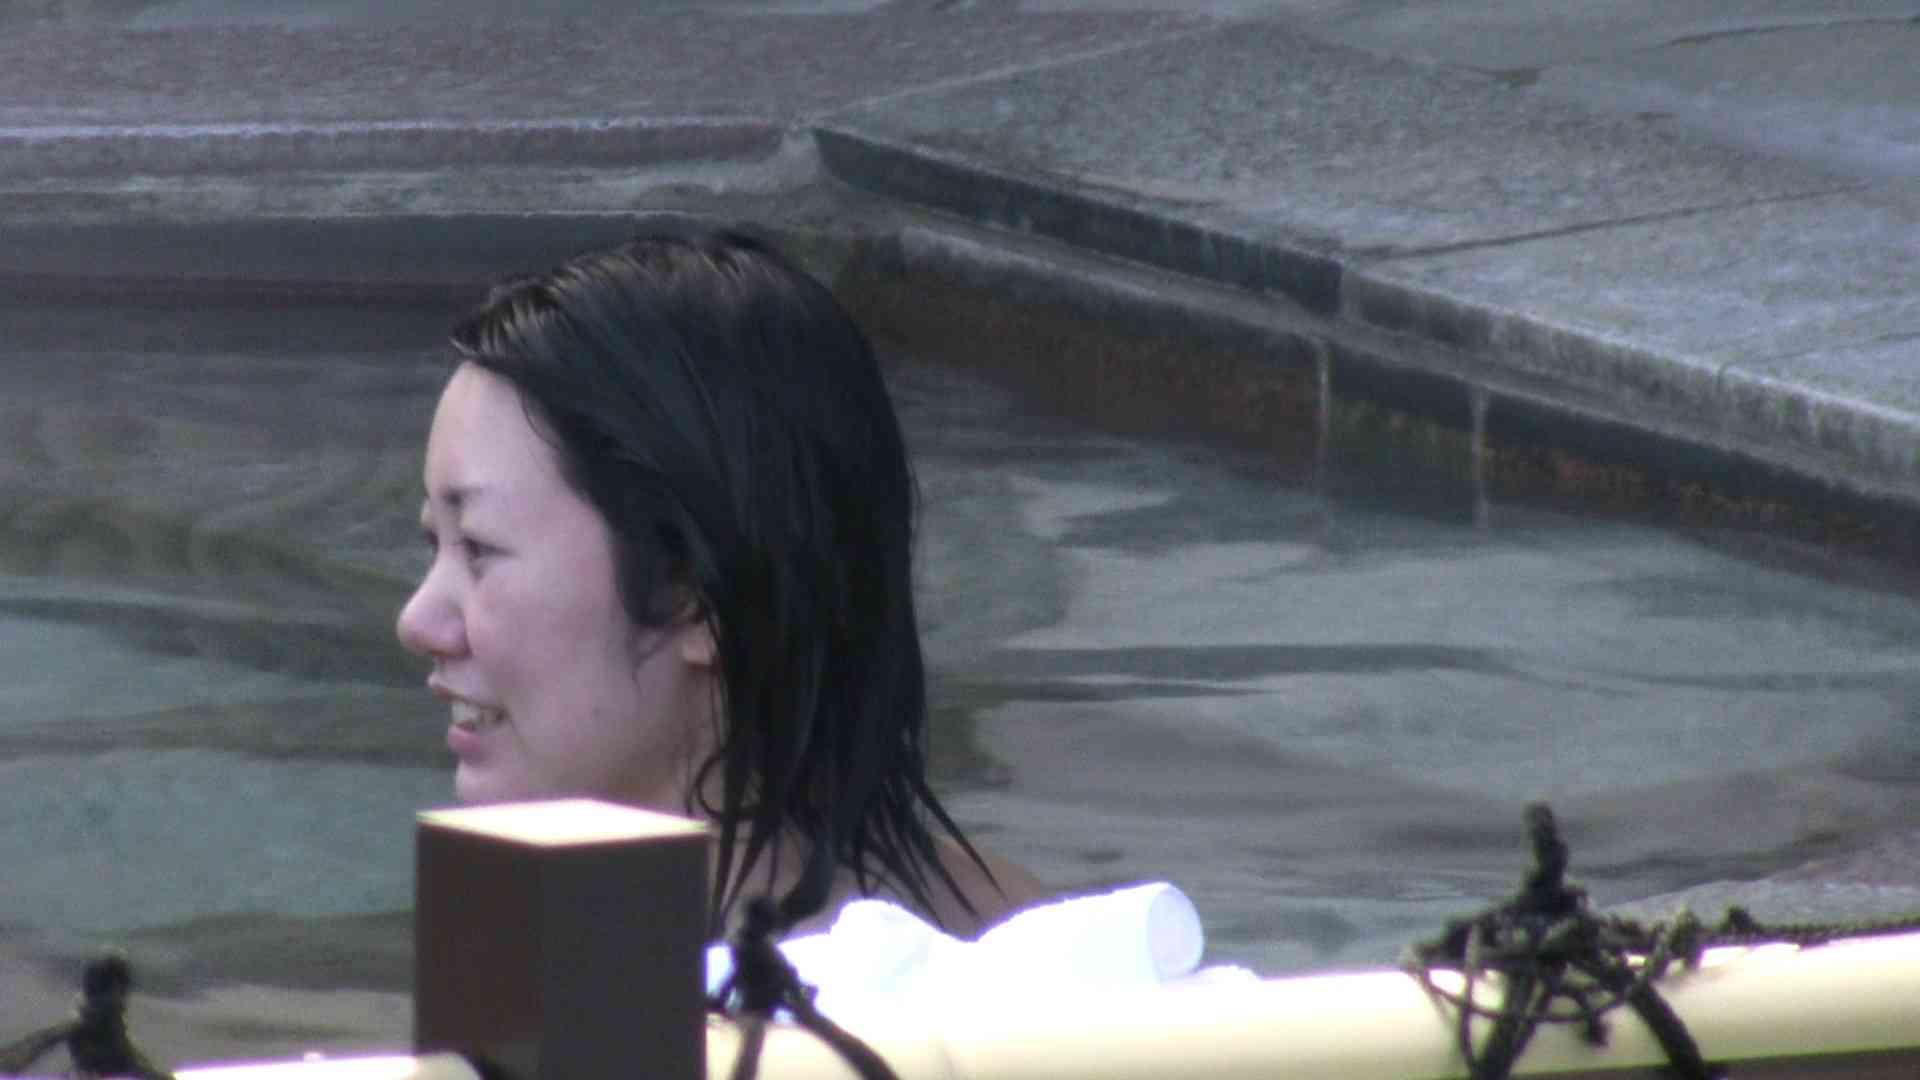 Aquaな露天風呂Vol.117 露天風呂突入 エロ画像 97pic 29